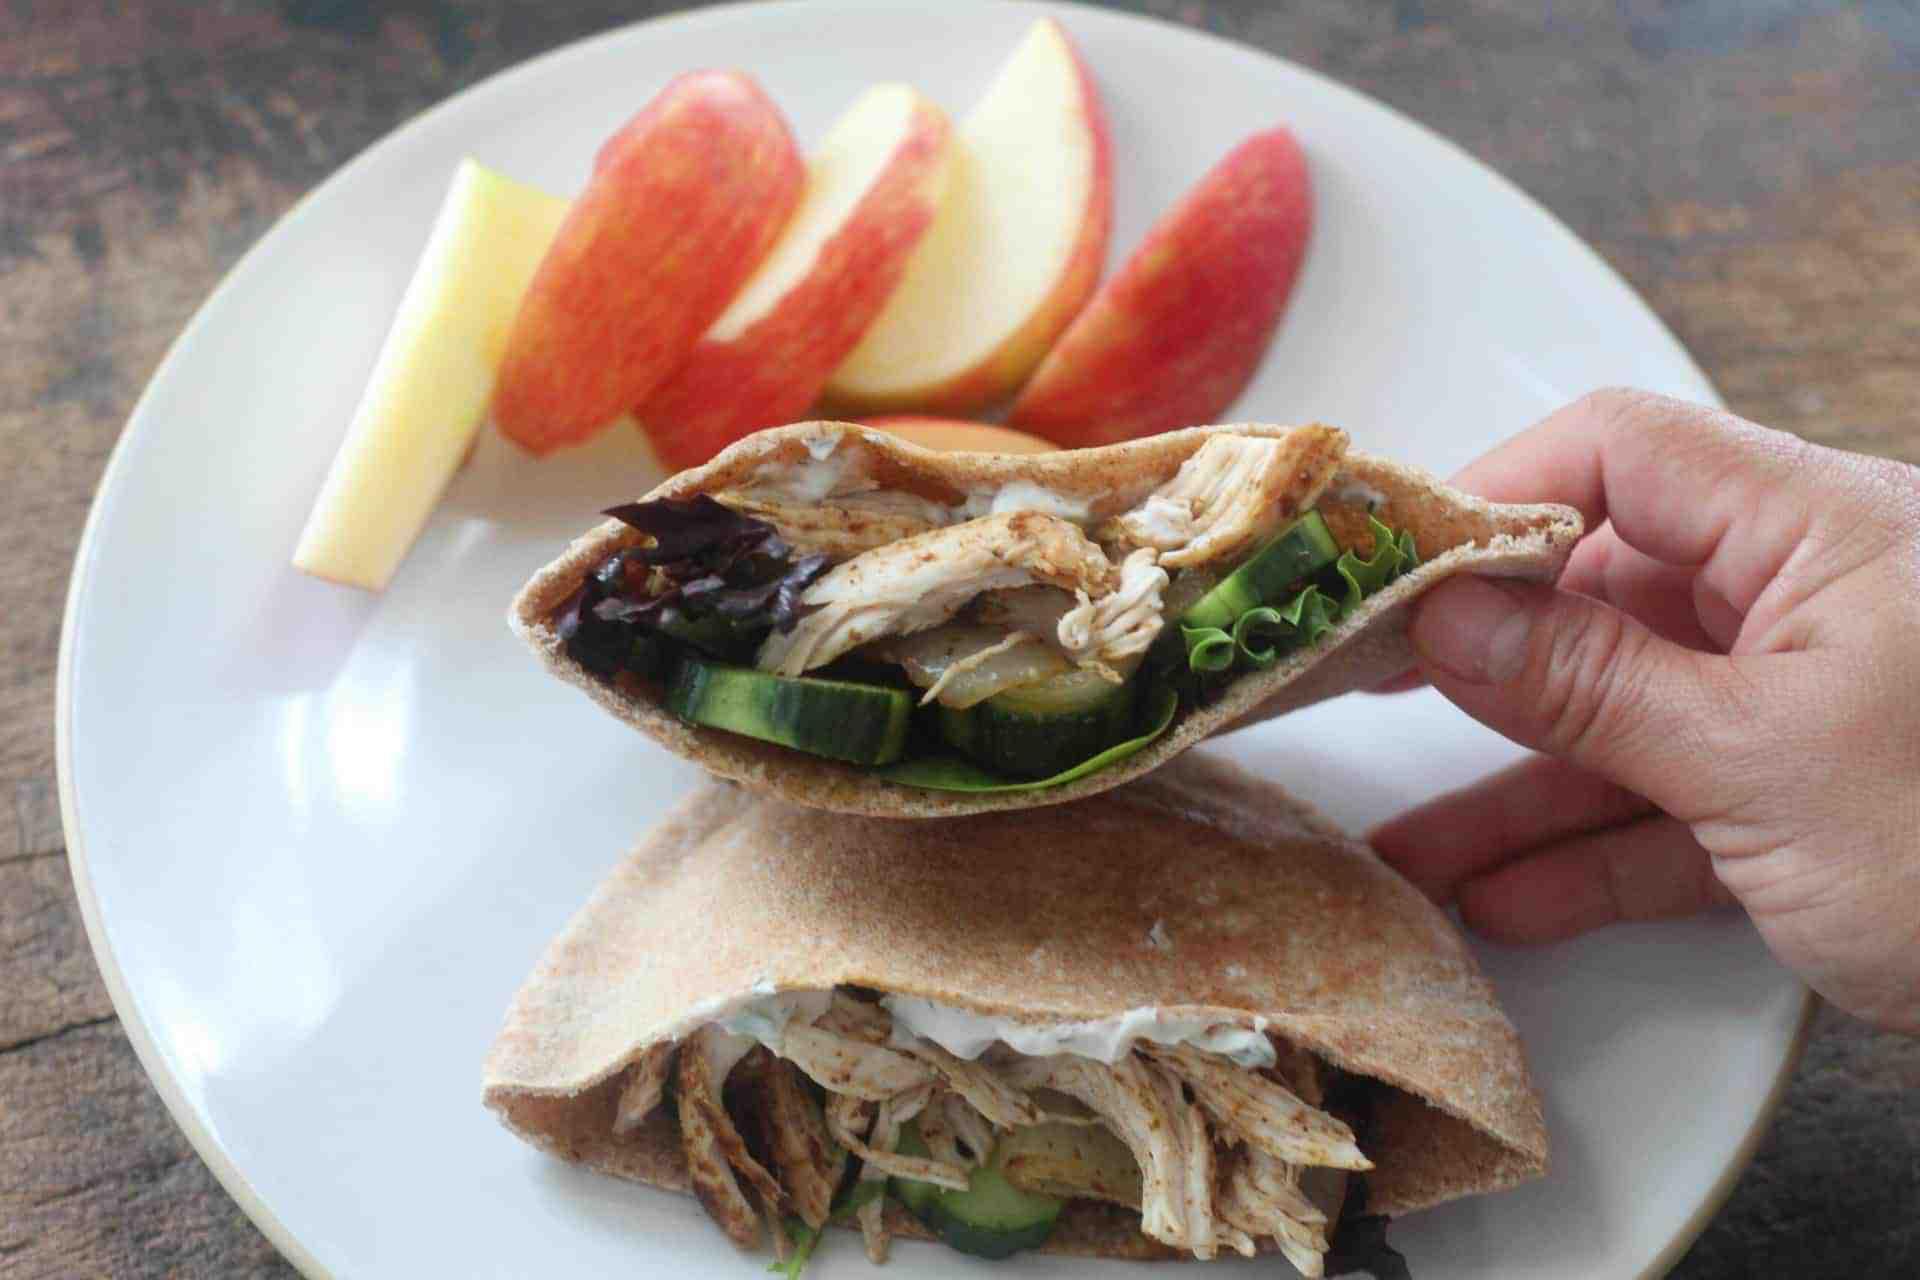 Chicken, Lunch, Dinner, Quick & Easy, Harissa Chicken, Mediterranean, Mediterranean diet